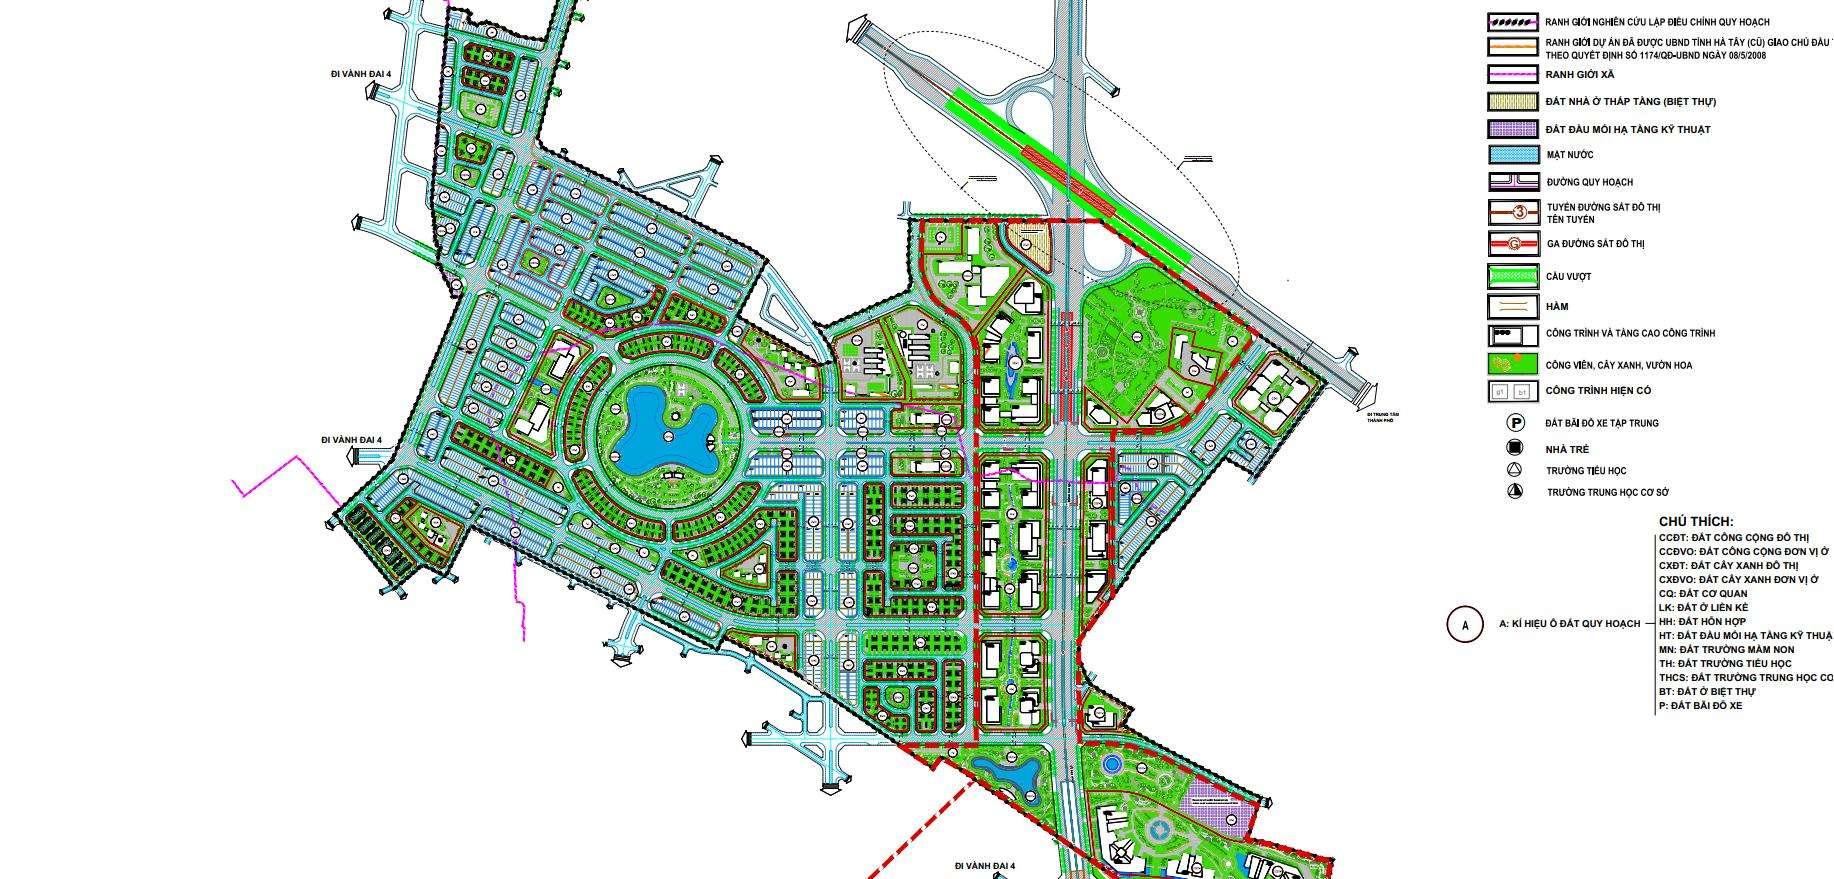 Quy hoạch tổng thể Hinode Royal Park Hà Nội